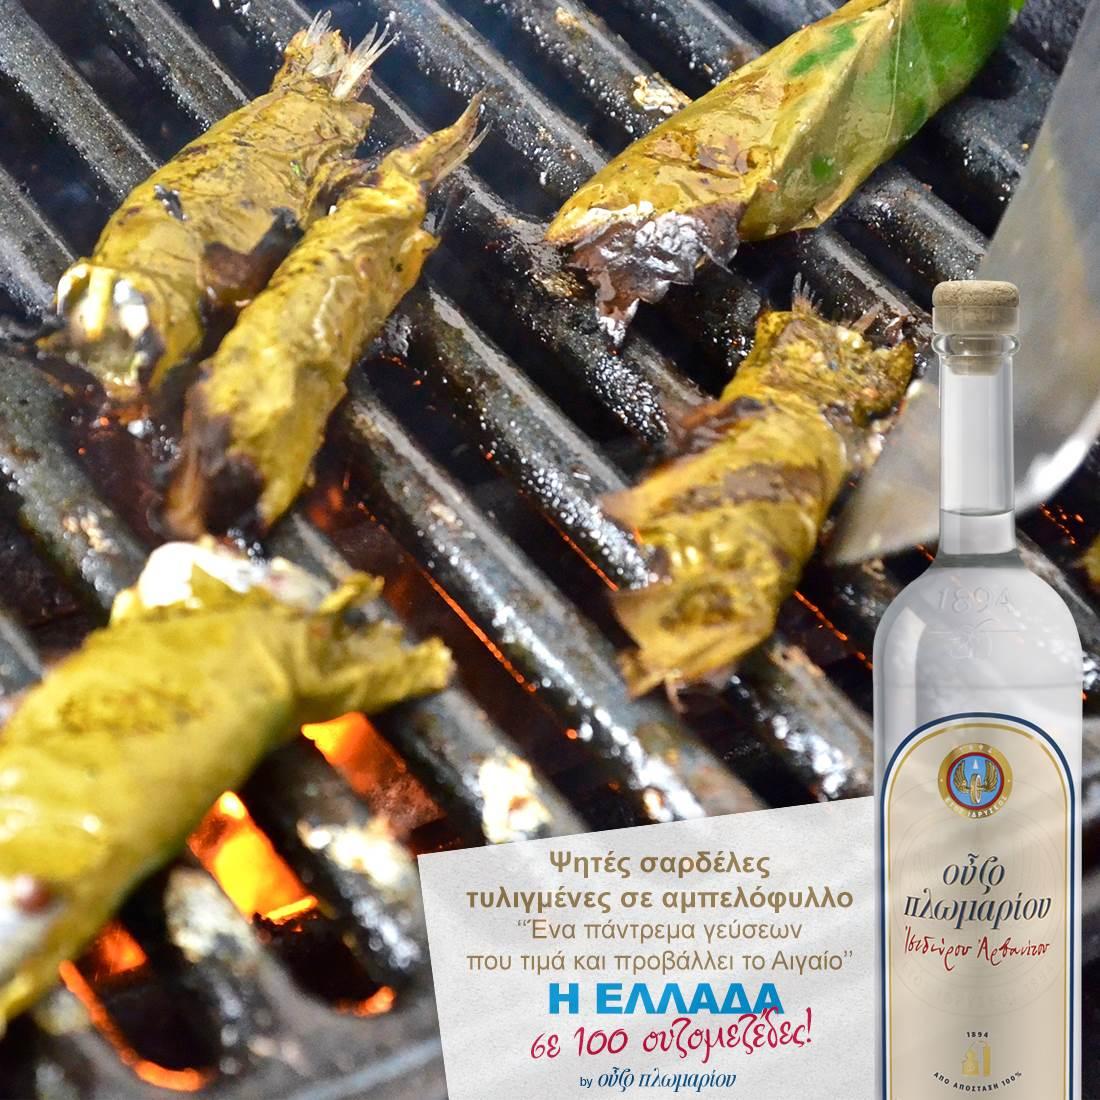 Ψητές σαρδέλες τυλιγμένες σε αμπελόφυλλο - Ουζομεζέδες - Greek Gastronomy Guide